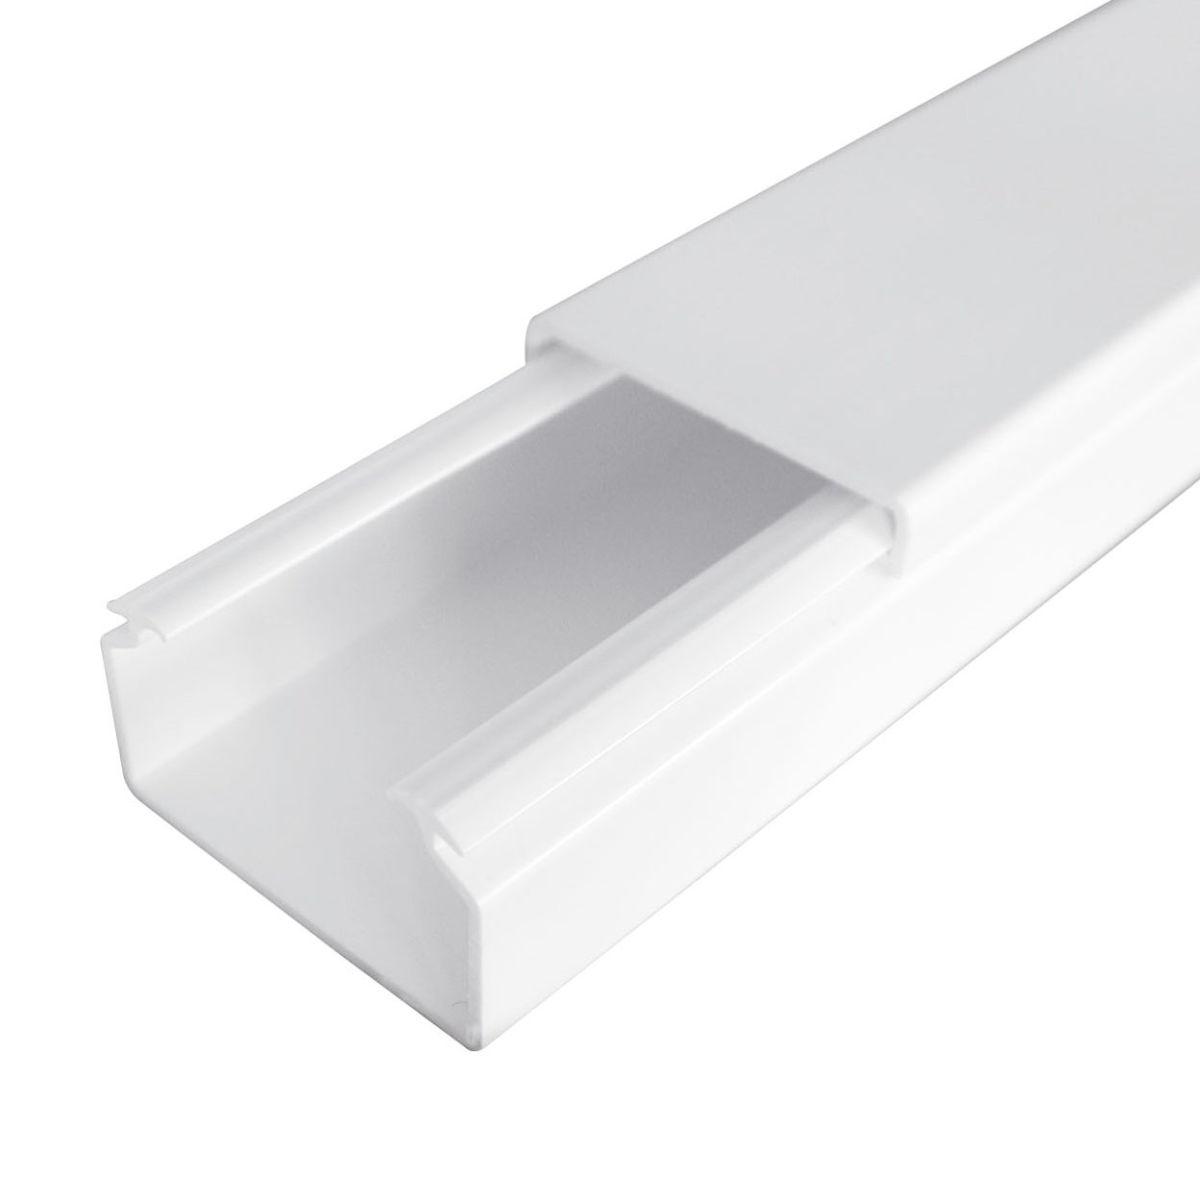 Minicanale per cablaggio 21 x 10 mm x l 2 m prezzi e for Leroy merlin copriwater